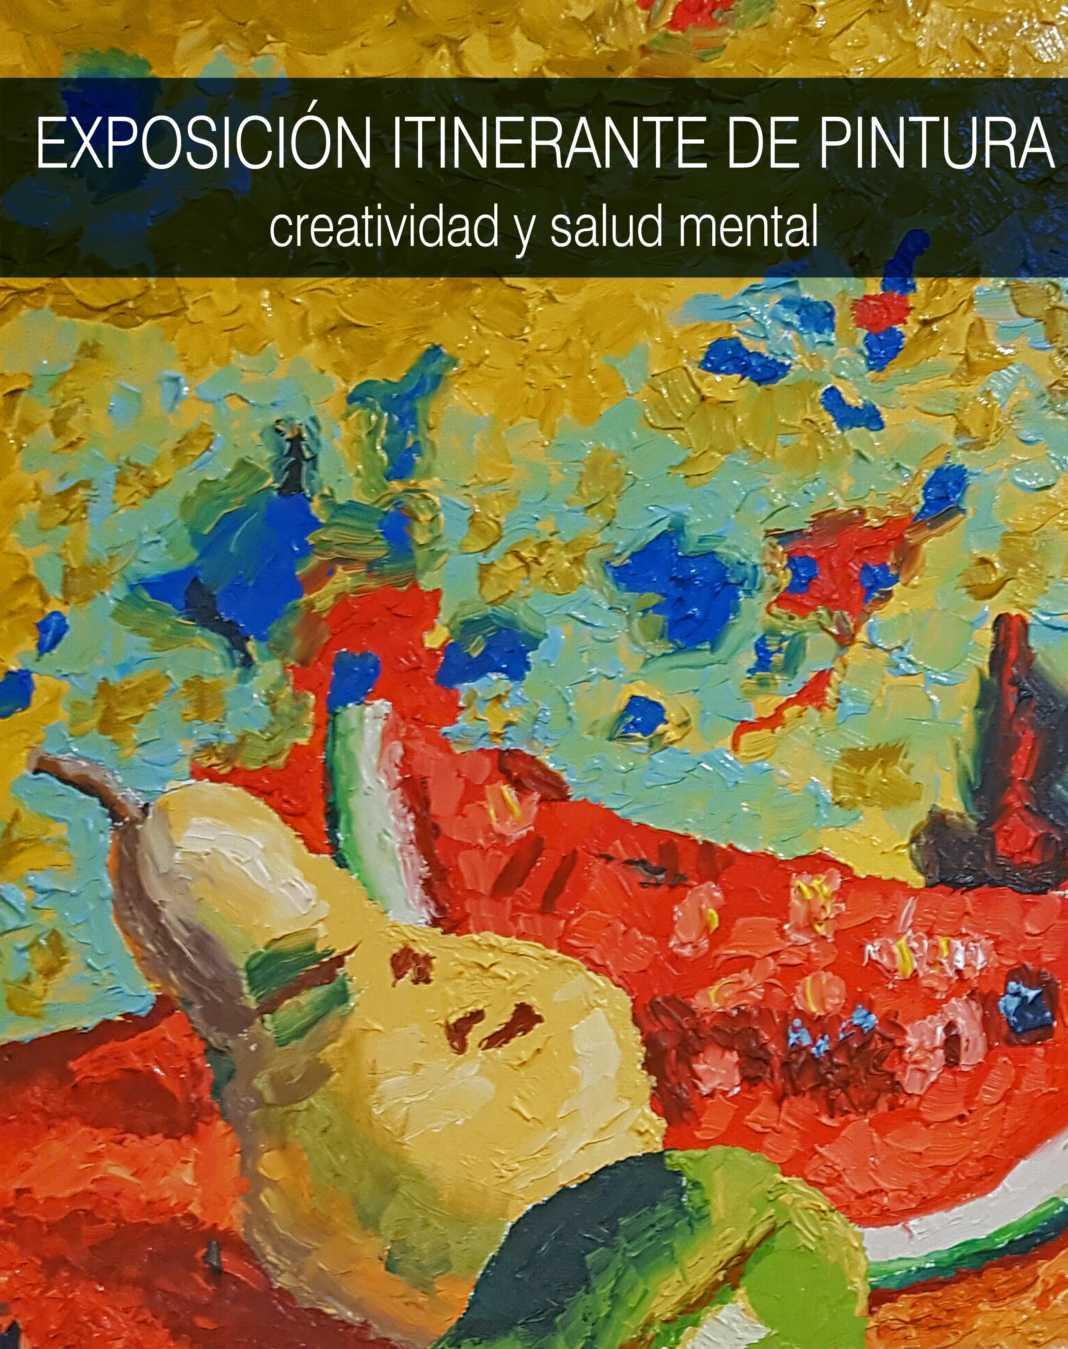 La Exposición Itinerante de Pintura llega a Herencia 2